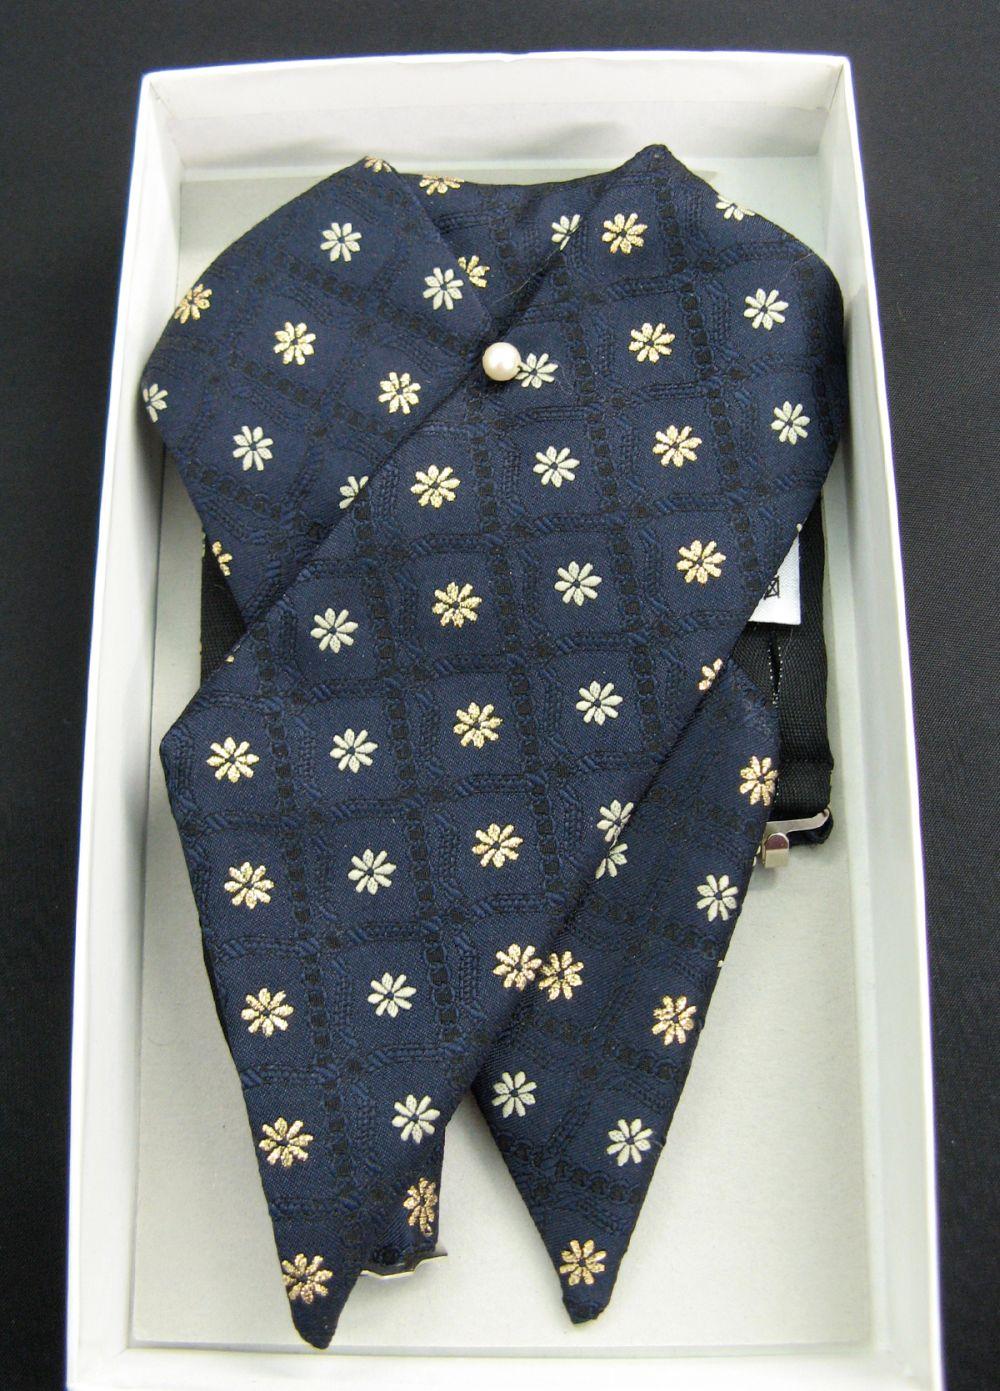 Plastron blau gemustert, Sternchen in grau/gold